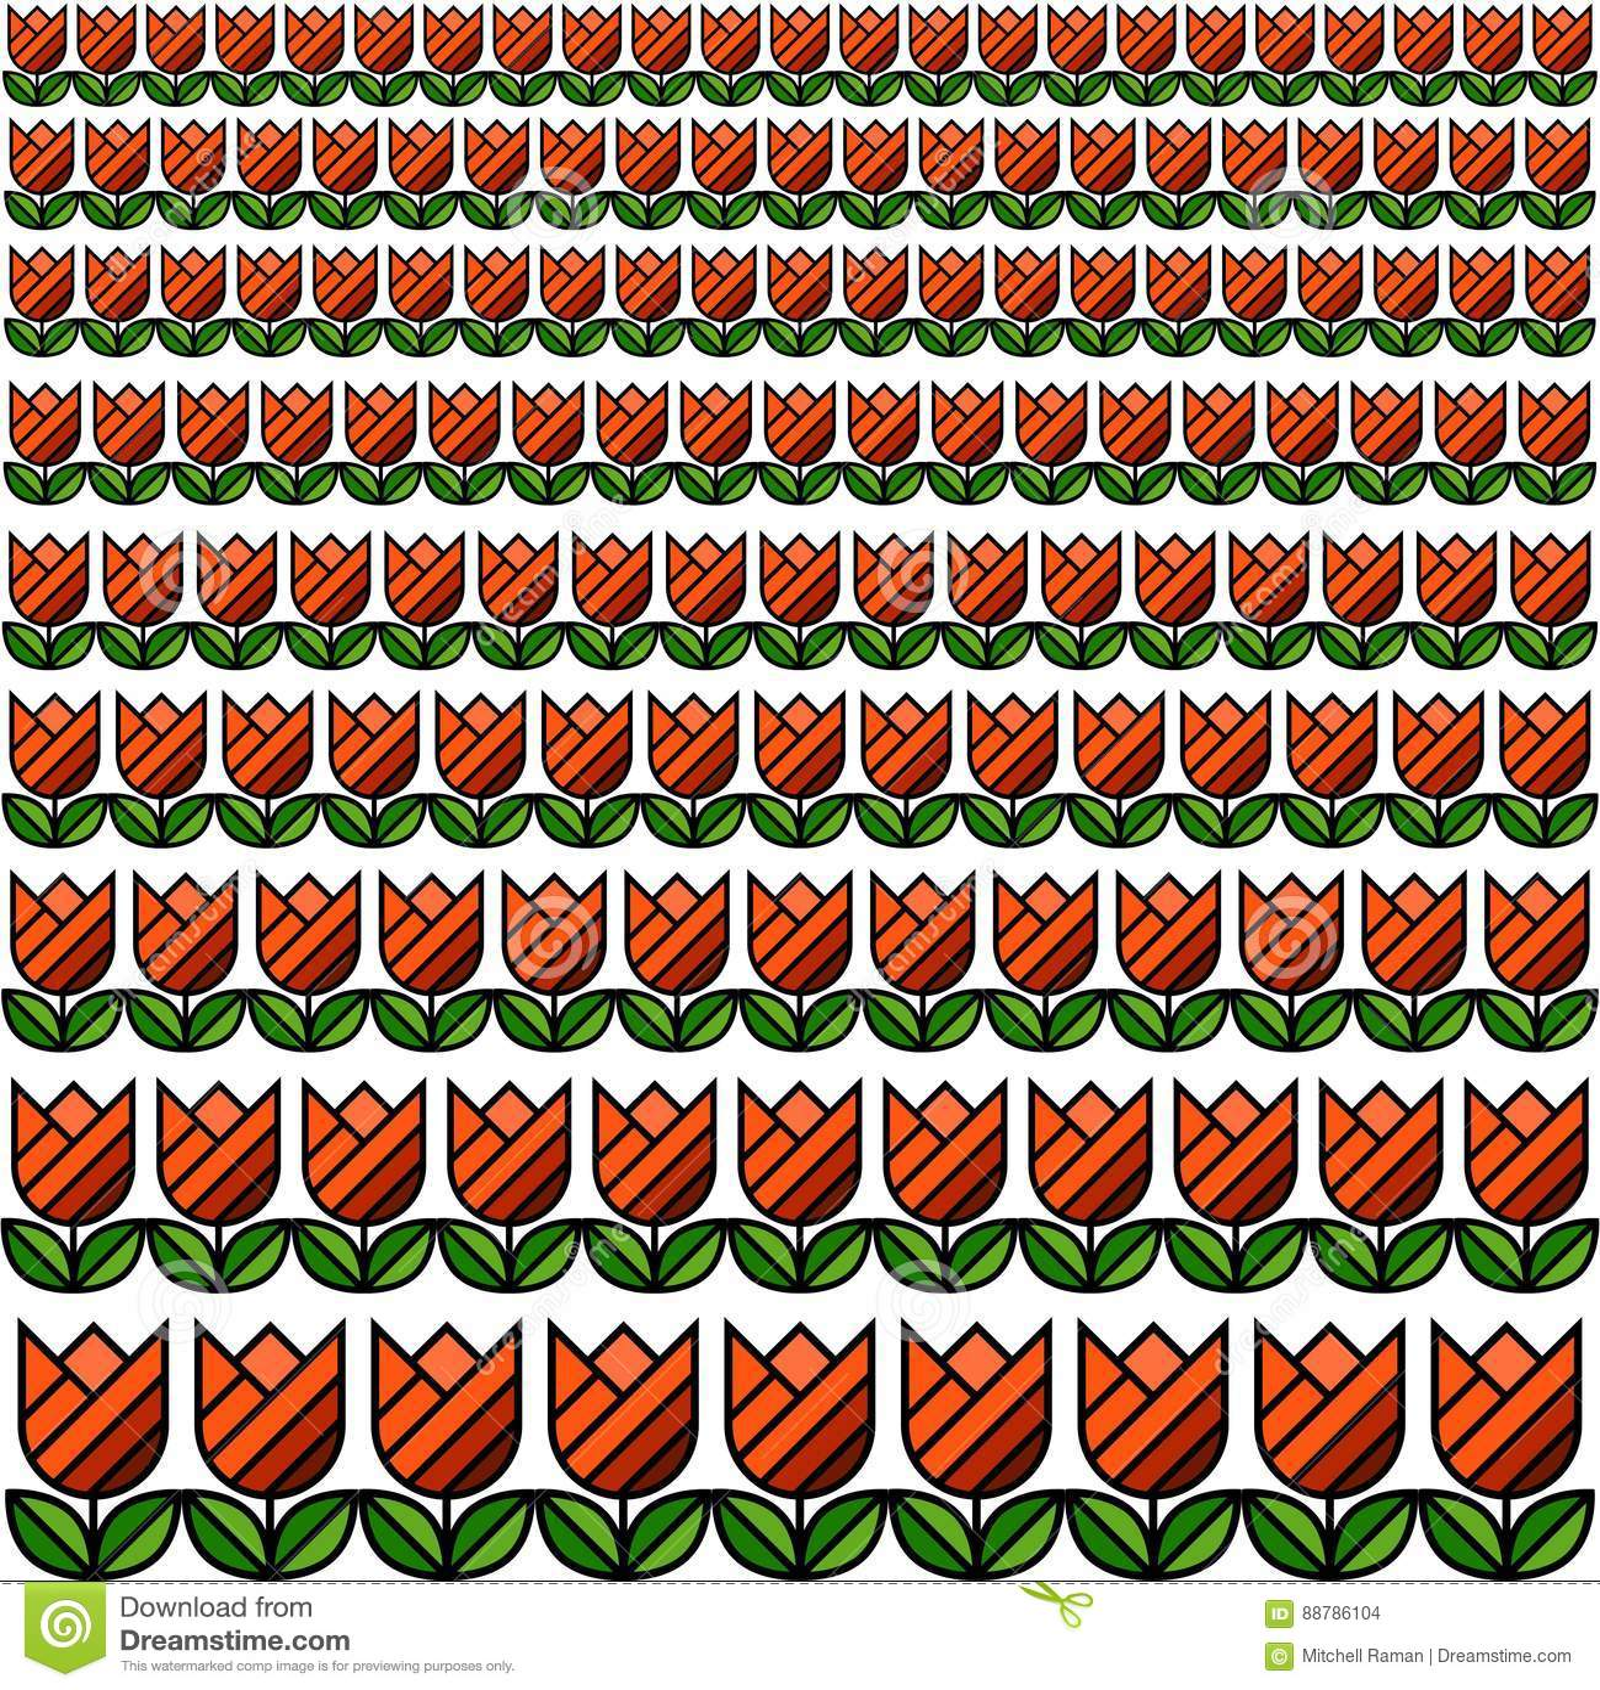 Tulip Field Texture Pattern